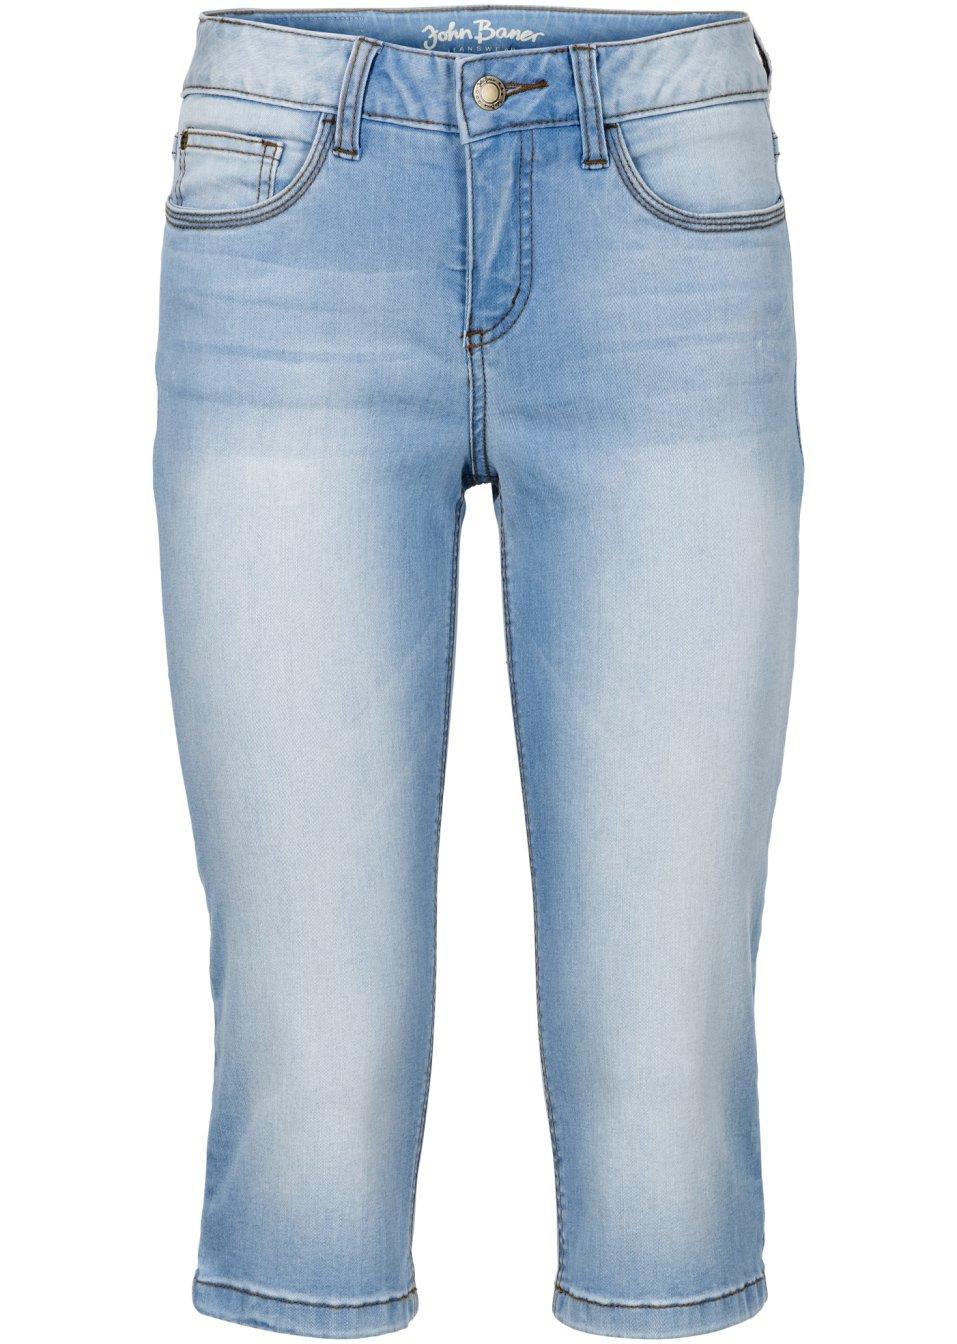 jean corsaire extensible silhouette de r ve bleu clair femme john baner jeanswear. Black Bedroom Furniture Sets. Home Design Ideas